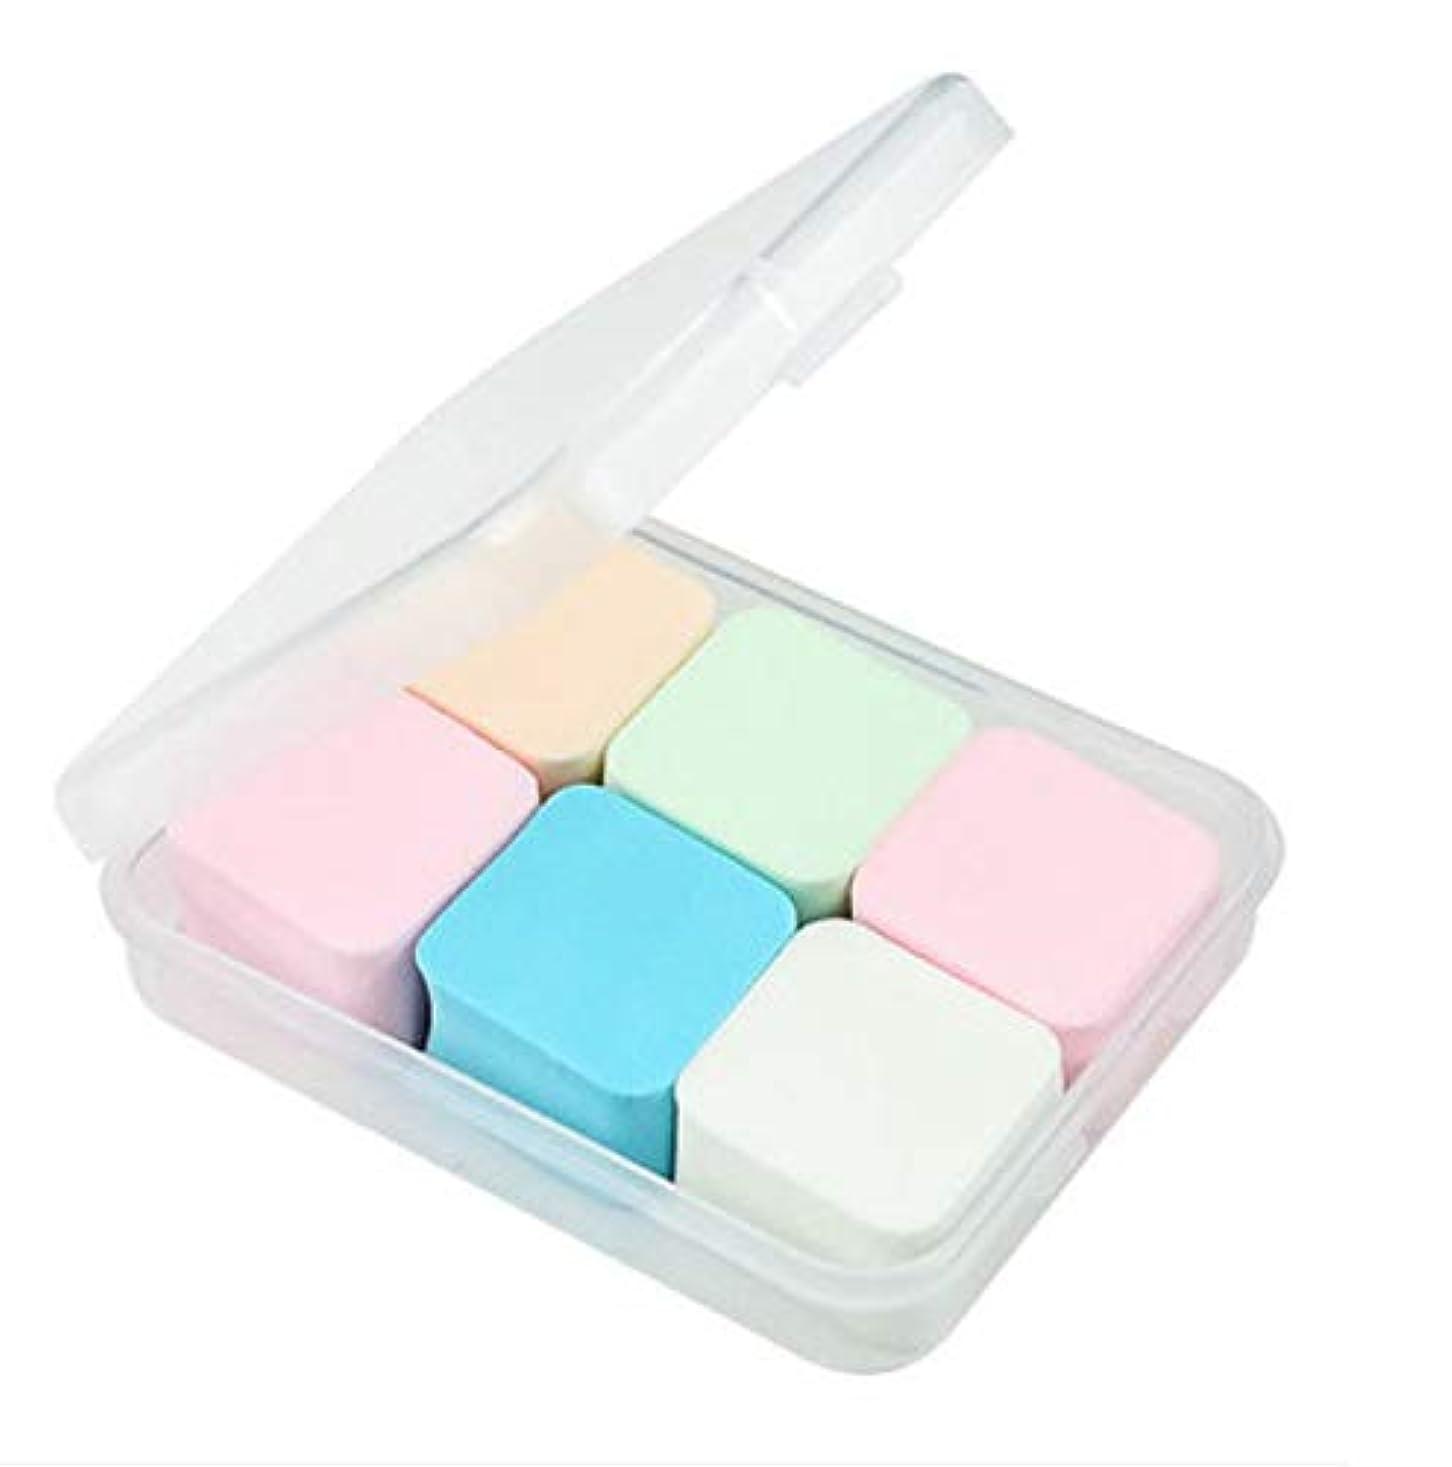 ステッチとげ震え美容スポンジ、収納ボックス付きソフトダイヤモンド化粧スポンジ美容メイク卵6パック